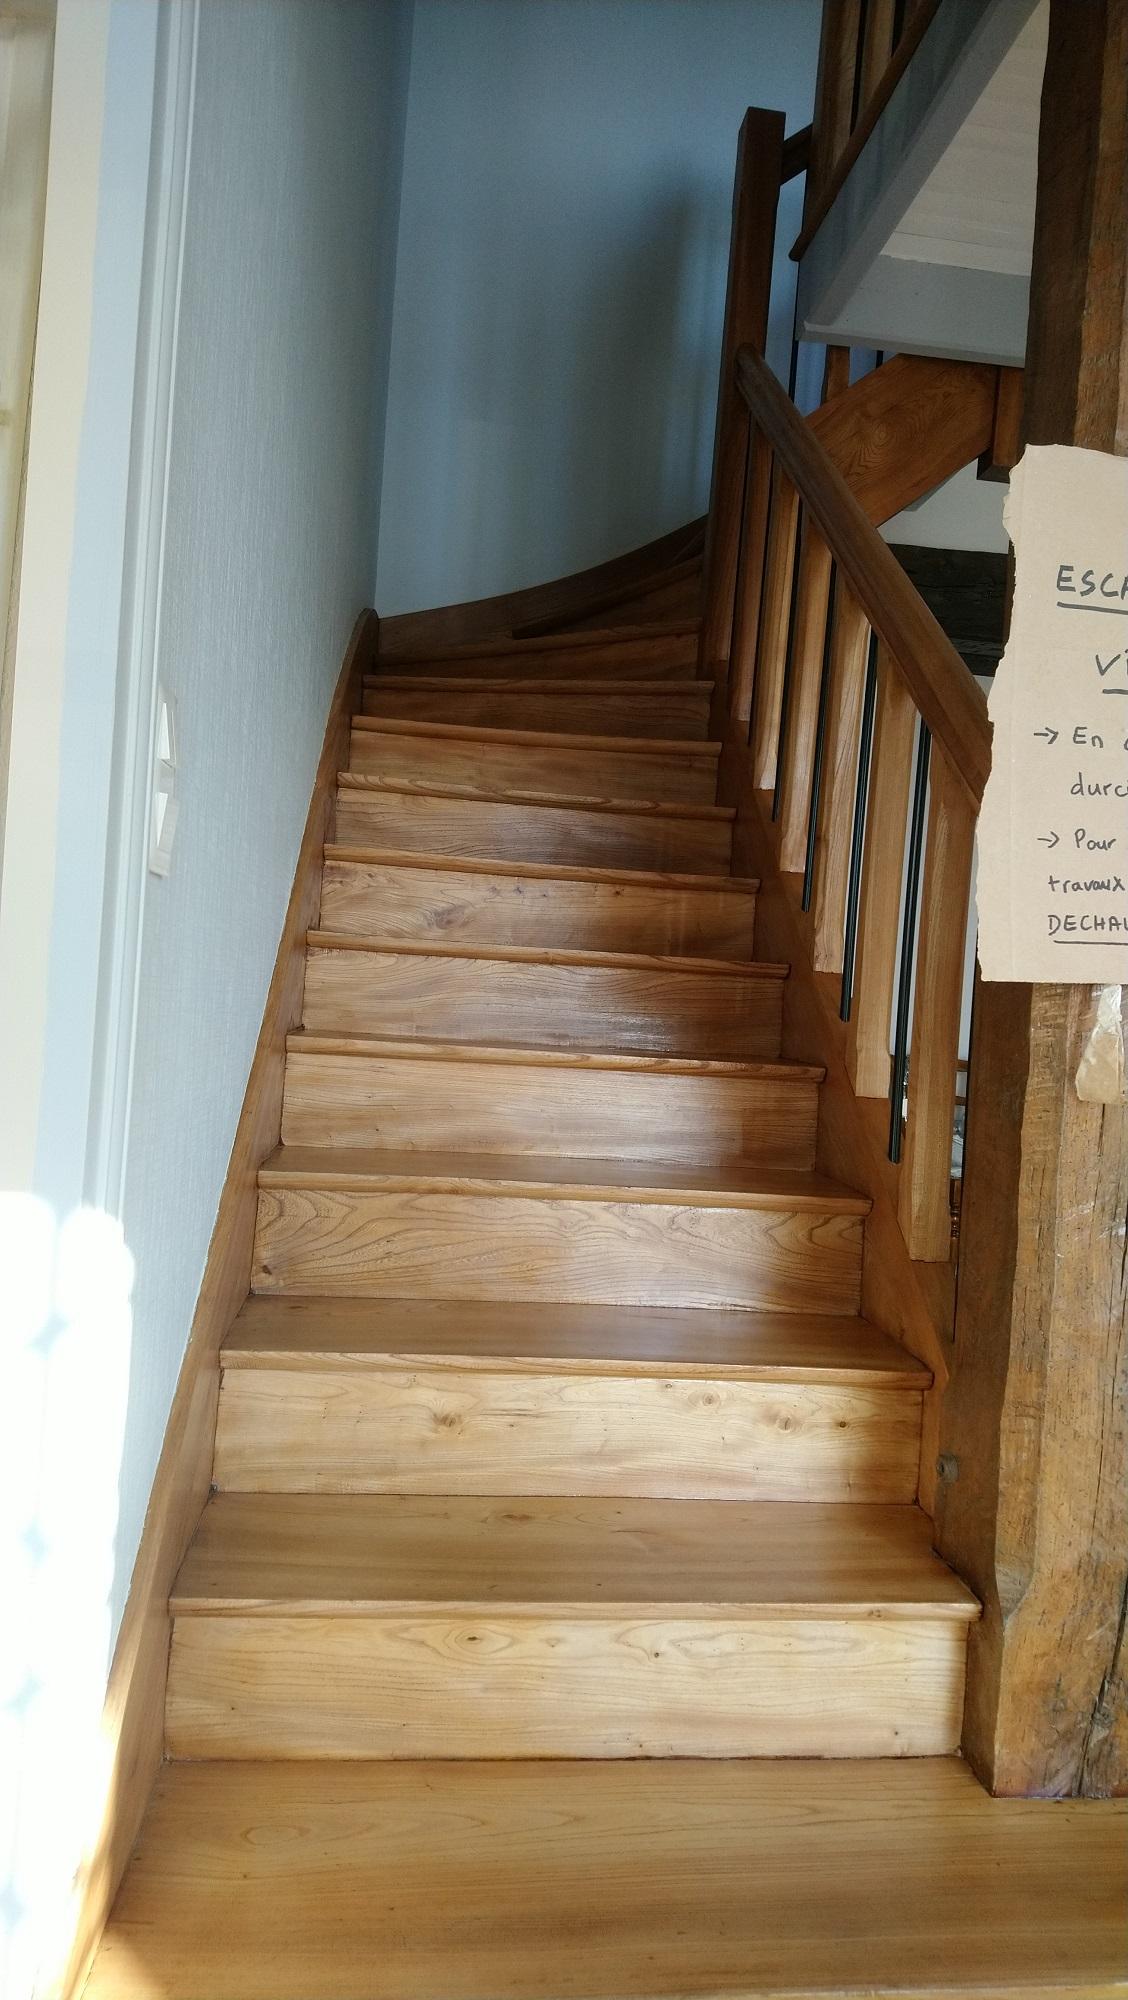 Poncage Escalier En Bois accueil - rénovation parquets et escaliers